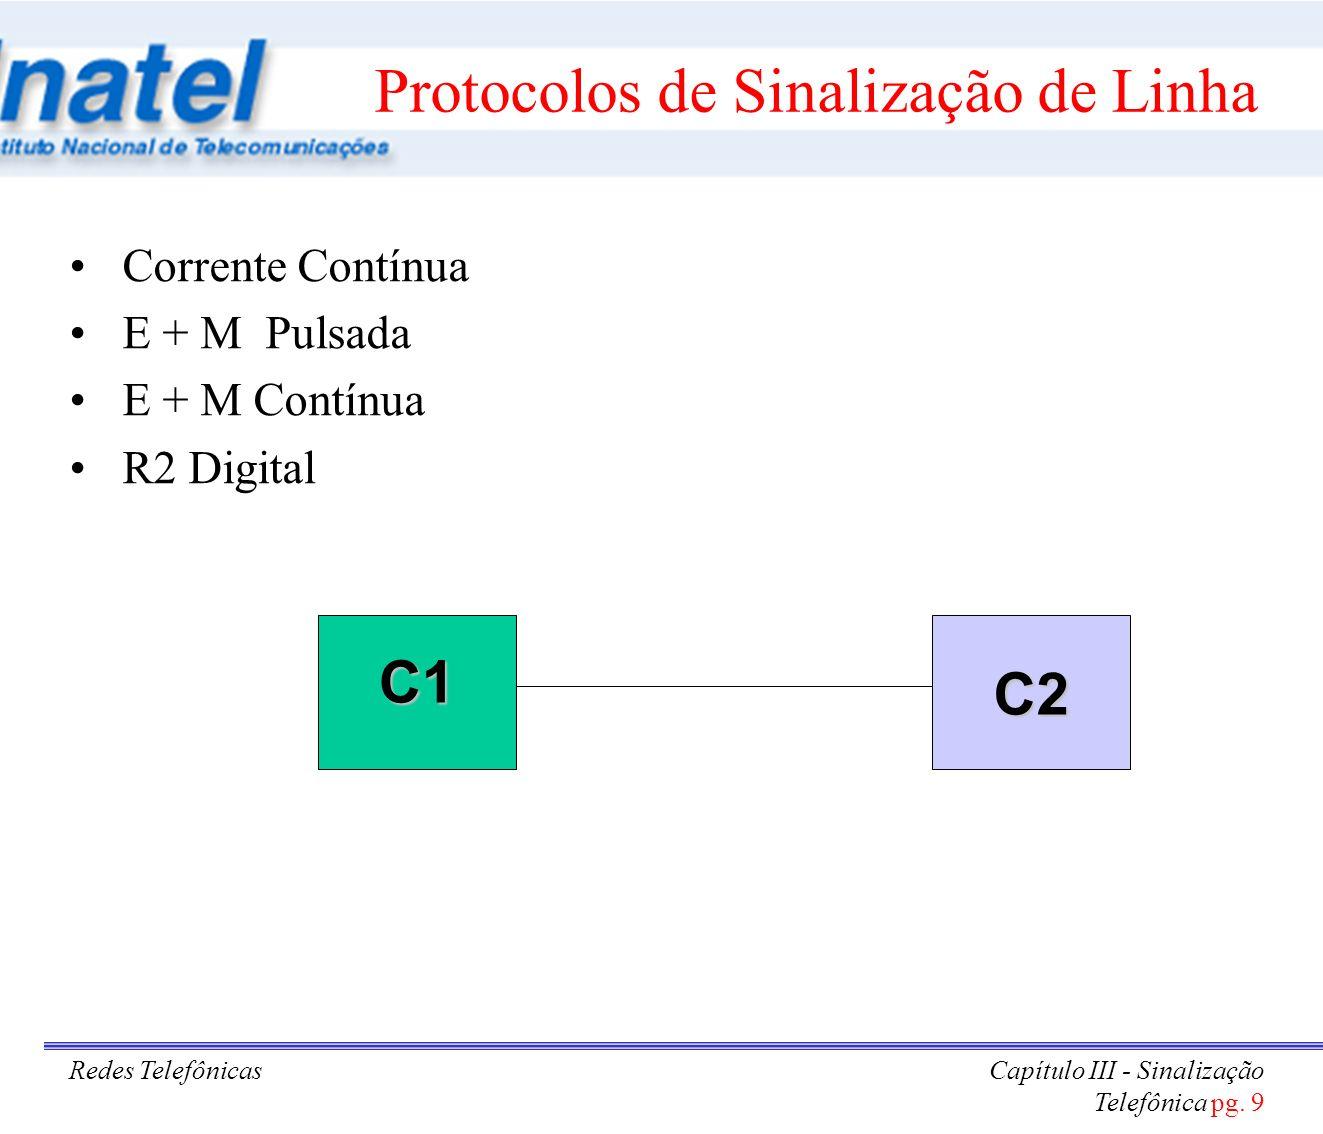 Protocolos de Sinalização de Linha